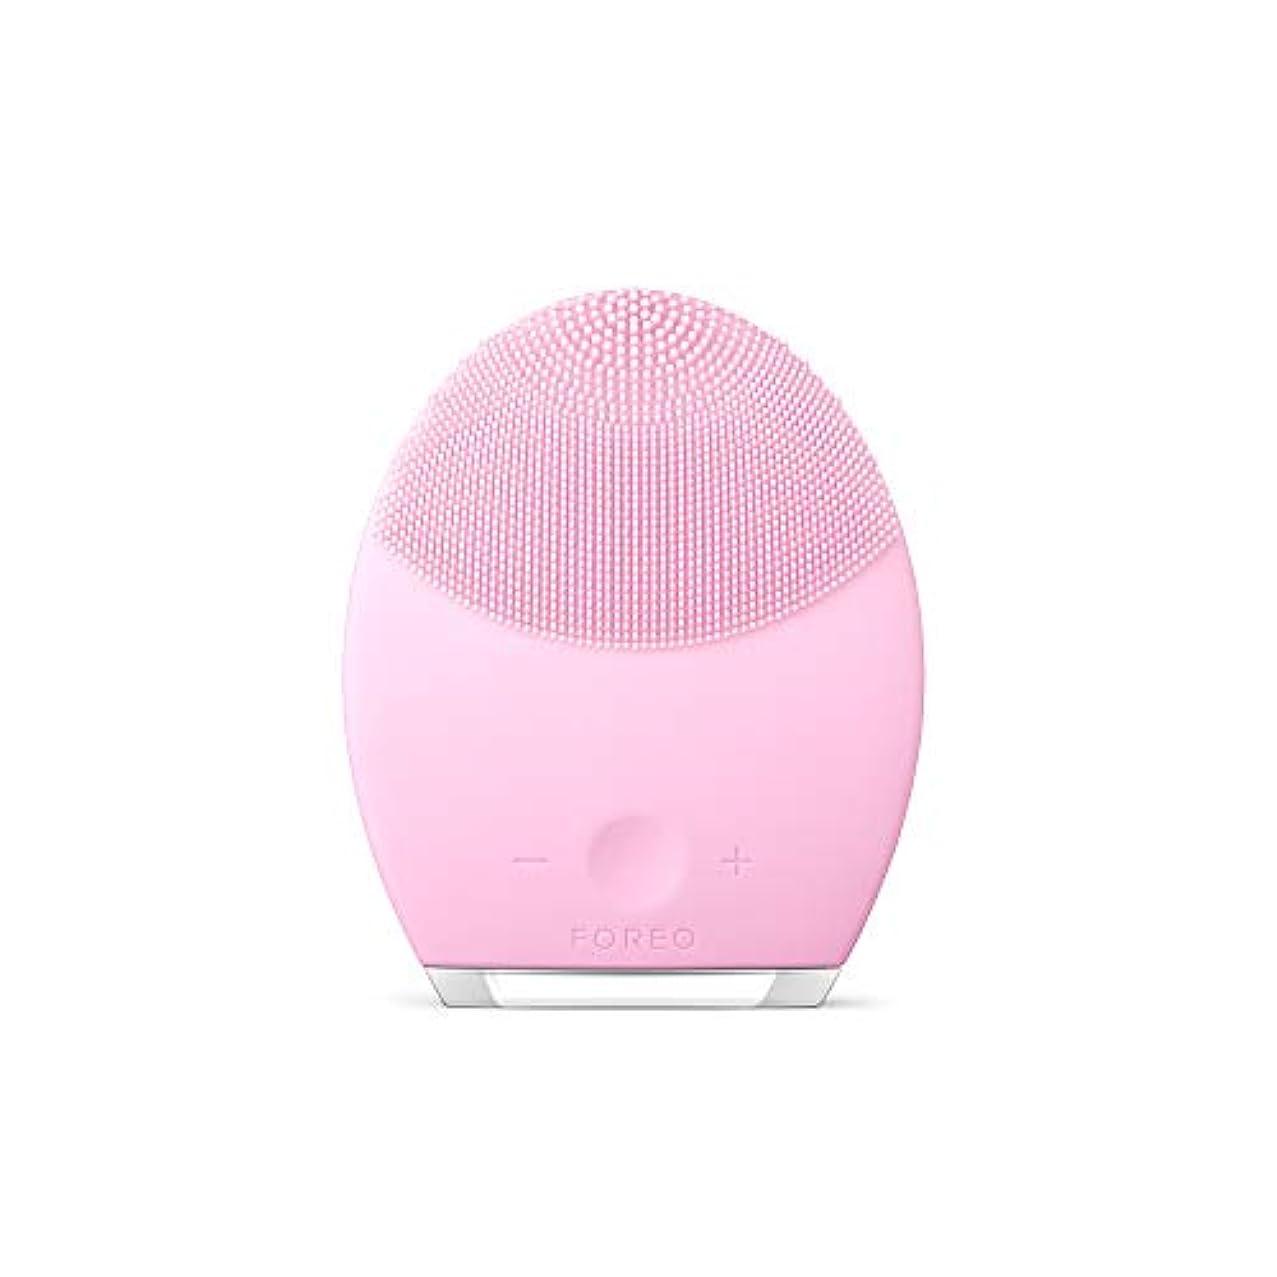 該当する逆に圧縮するFOREO LUNA 2 for ノーマルスキン 電動洗顔ブラシ シリコーン製 音波振動